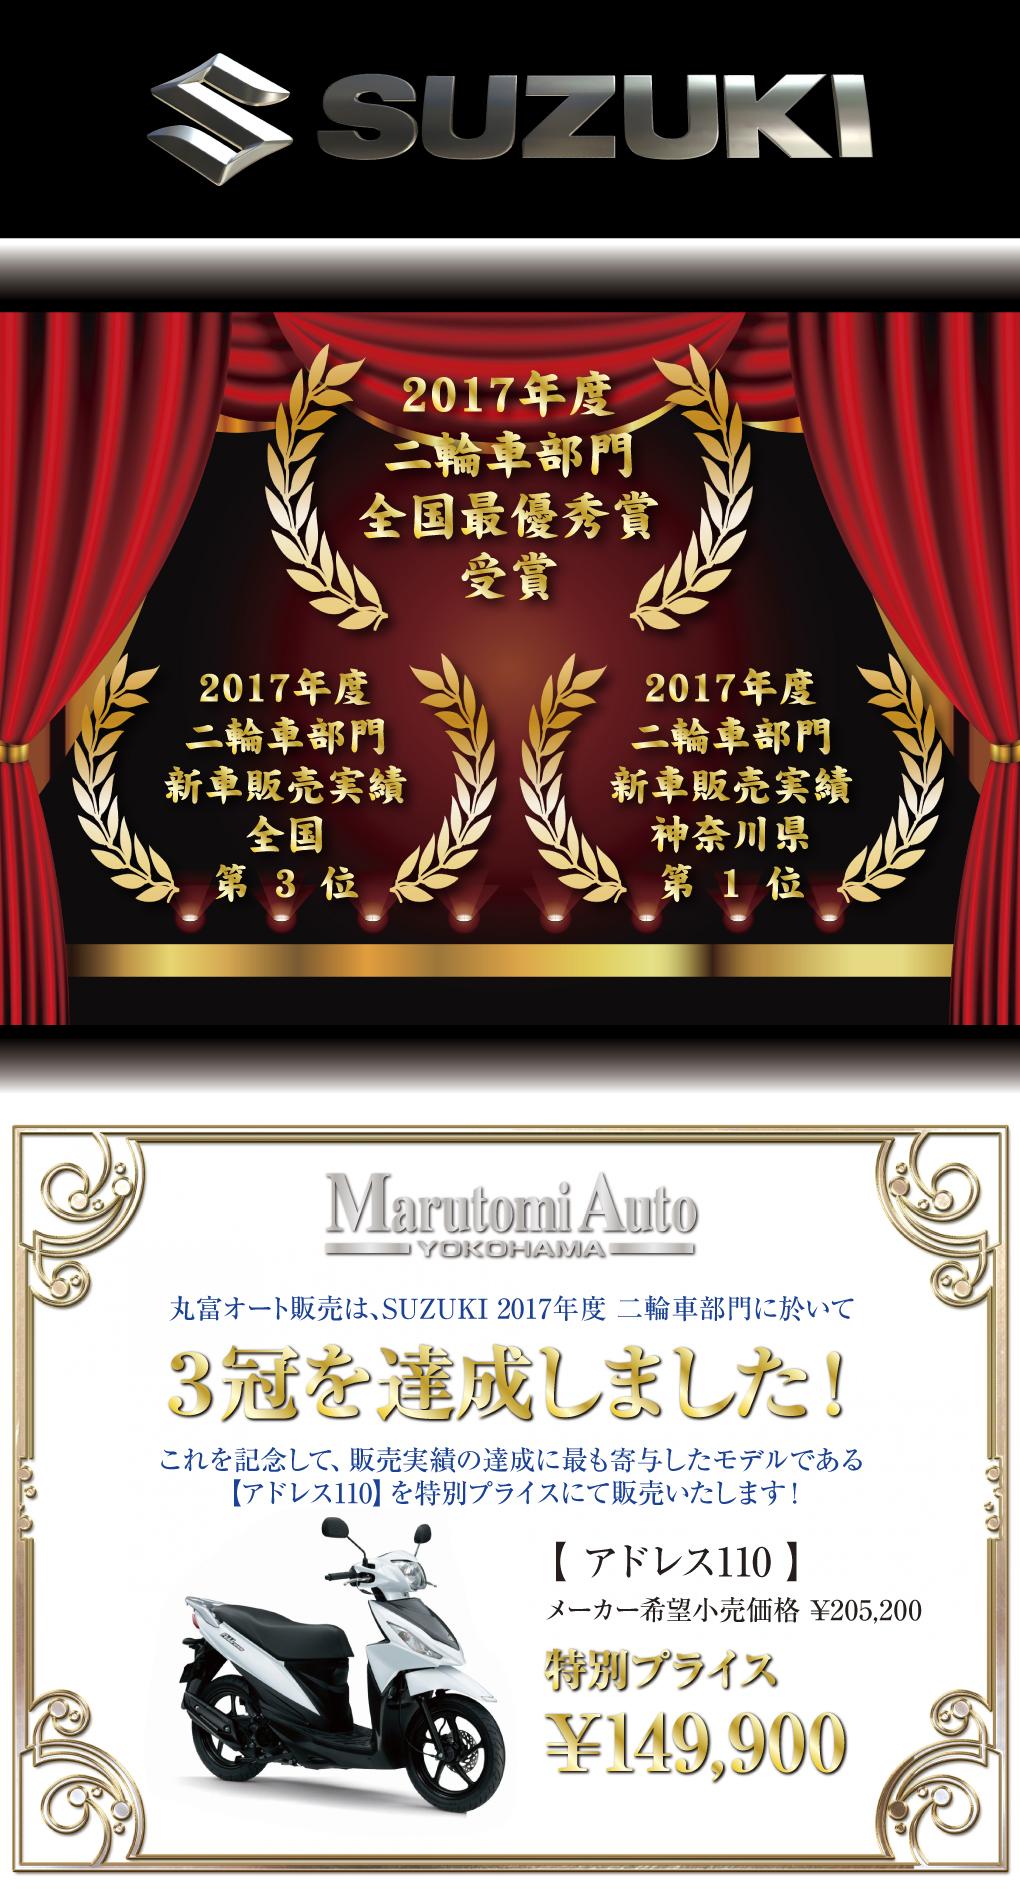 2017年度 SUZUKIで3冠を達成 ! !